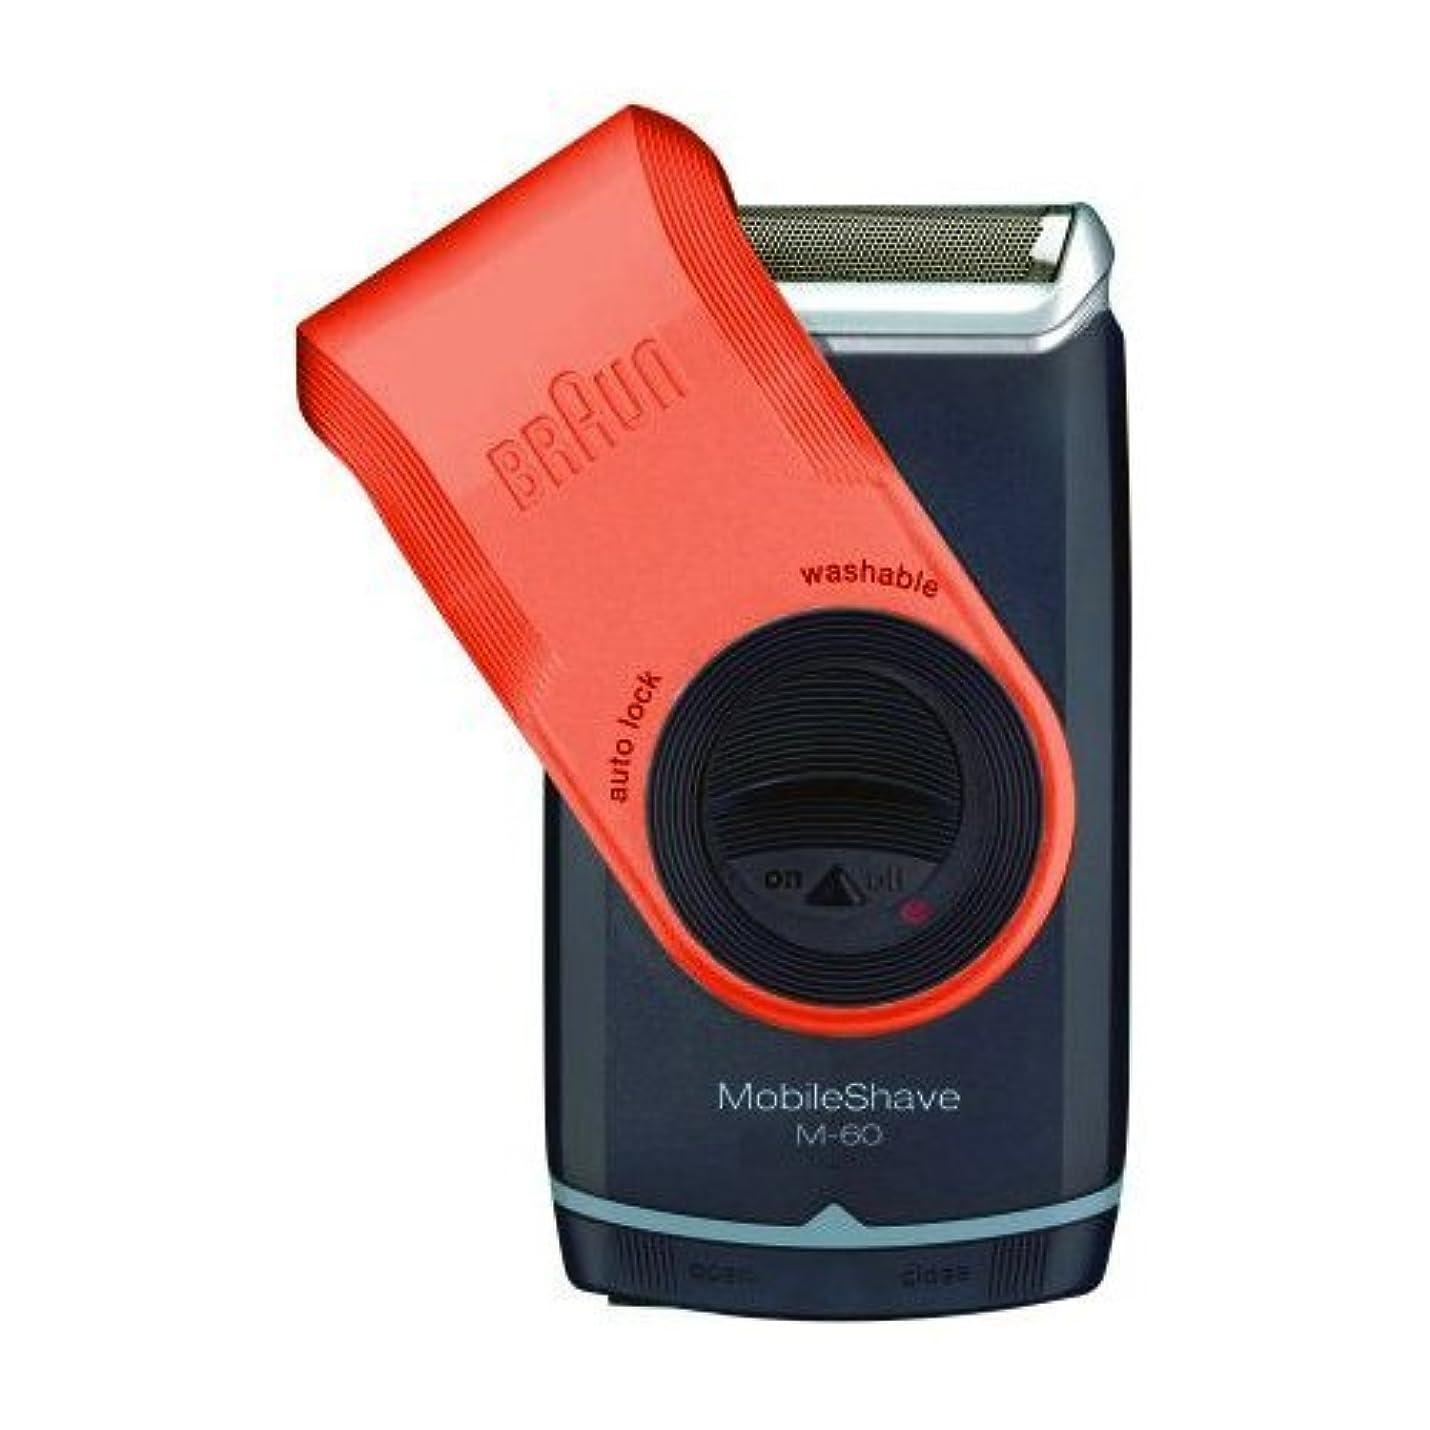 規模サーバ明示的にブラウン モバイル ポケット シェーバー M60 赤 電池式 並行輸入品